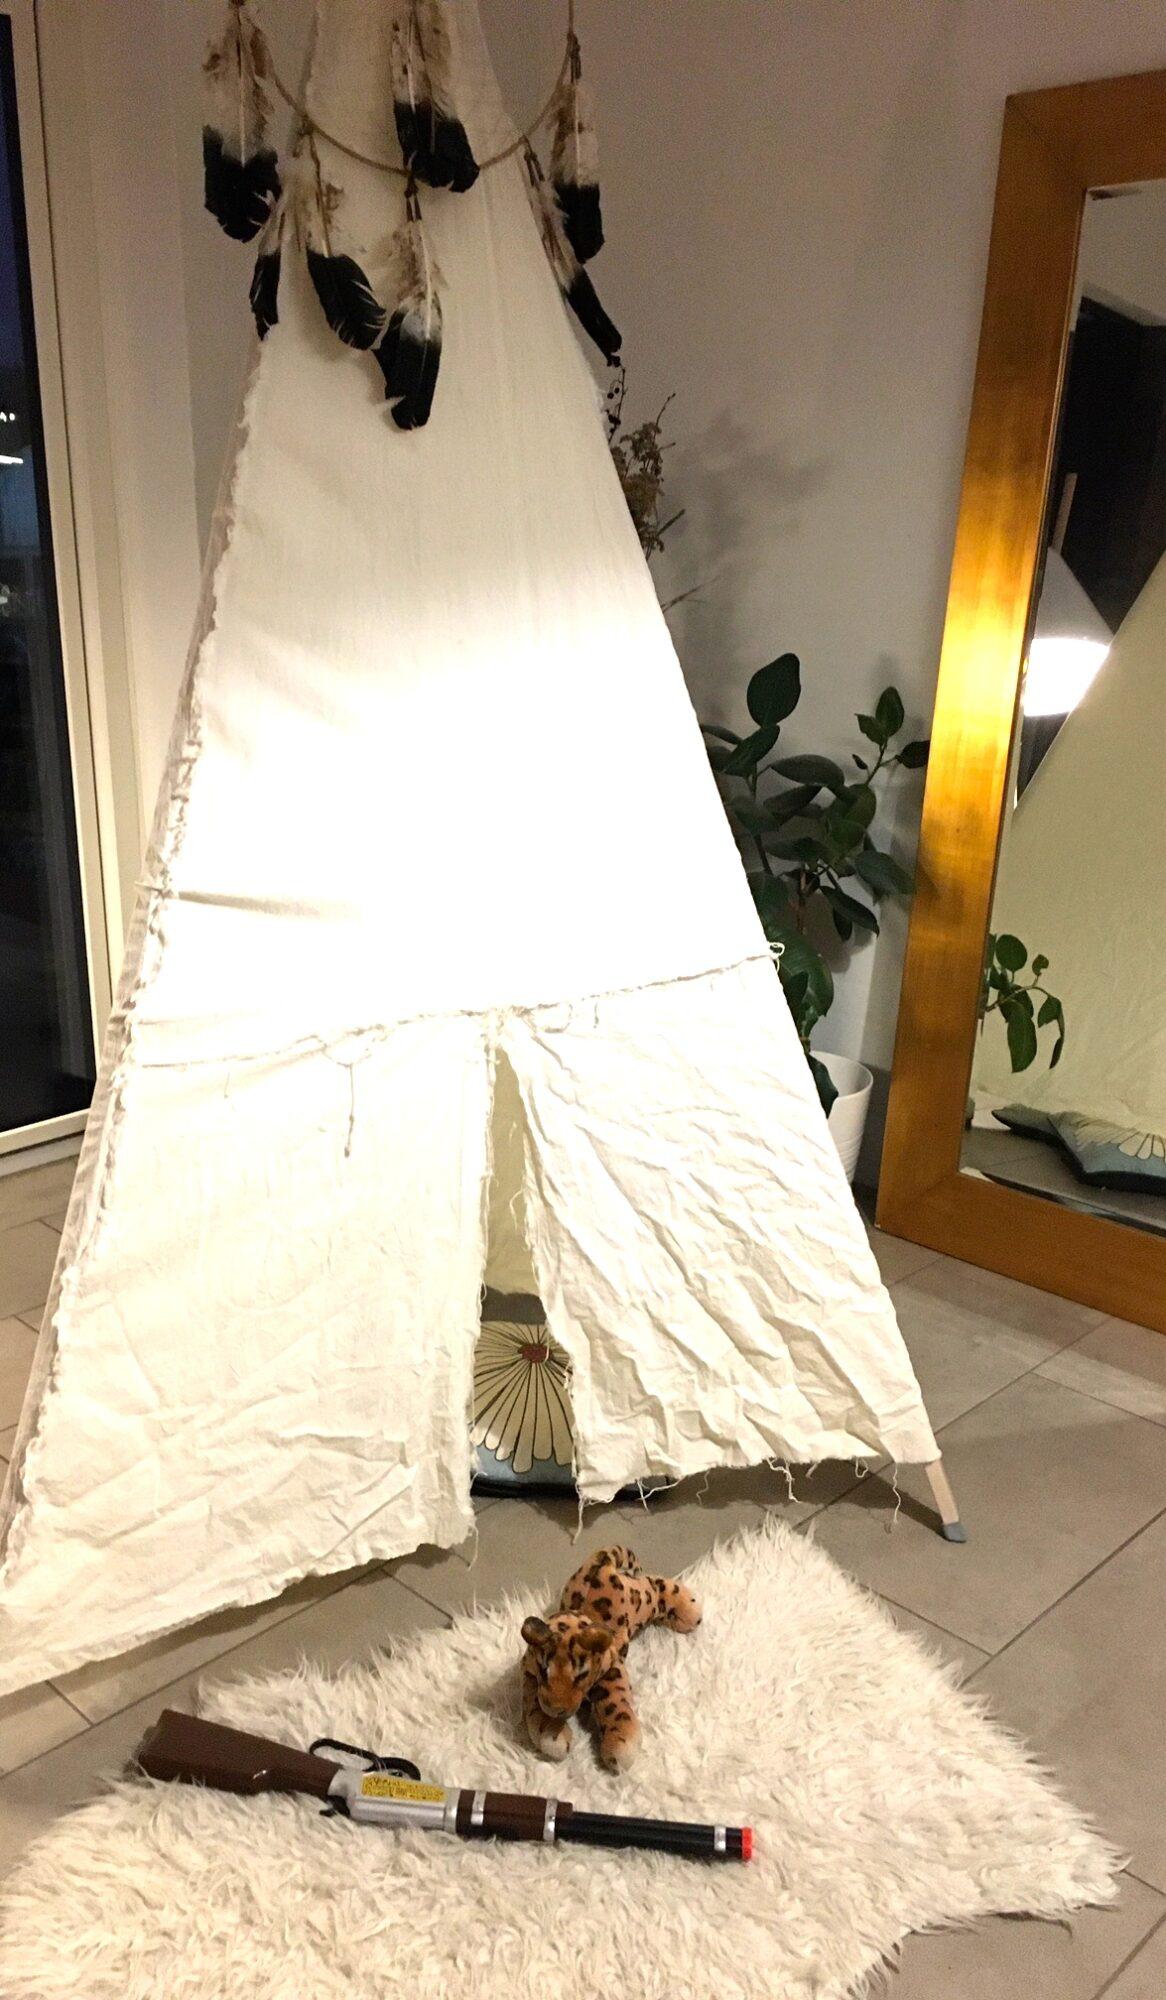 100 aktiviteter for børn og barnelige sjæle  - telt i stuen